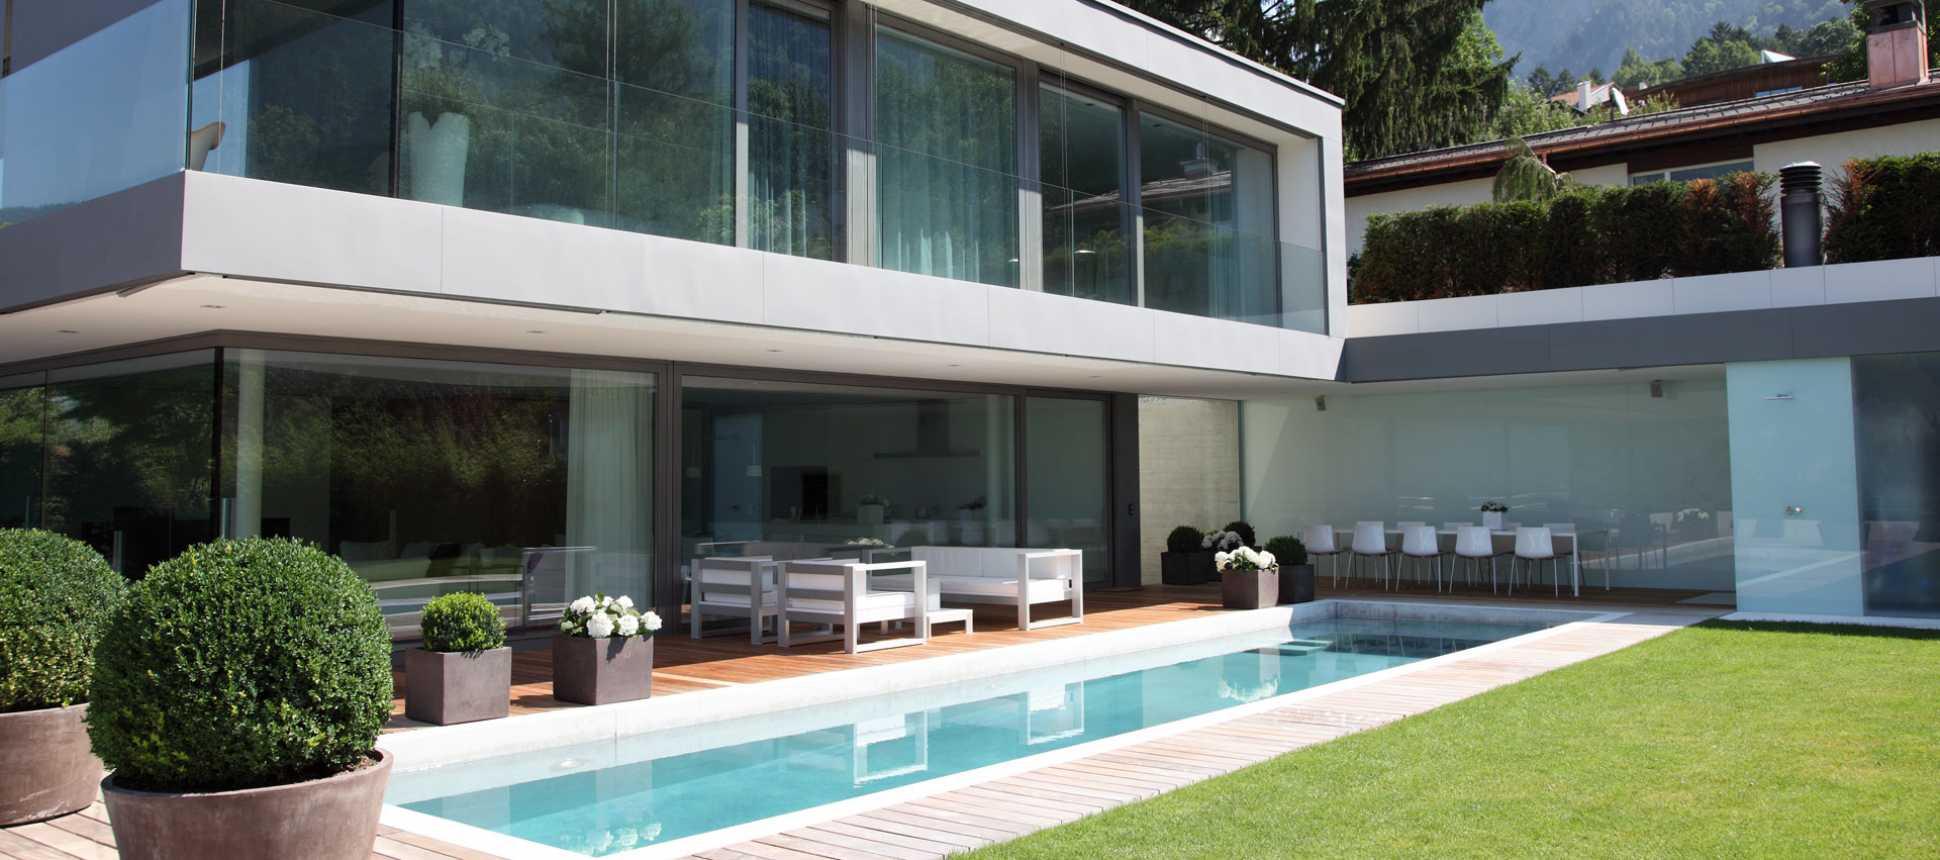 Traumhaus mit pool und garten  Traumhaus | AC Schwimmbadtechnik